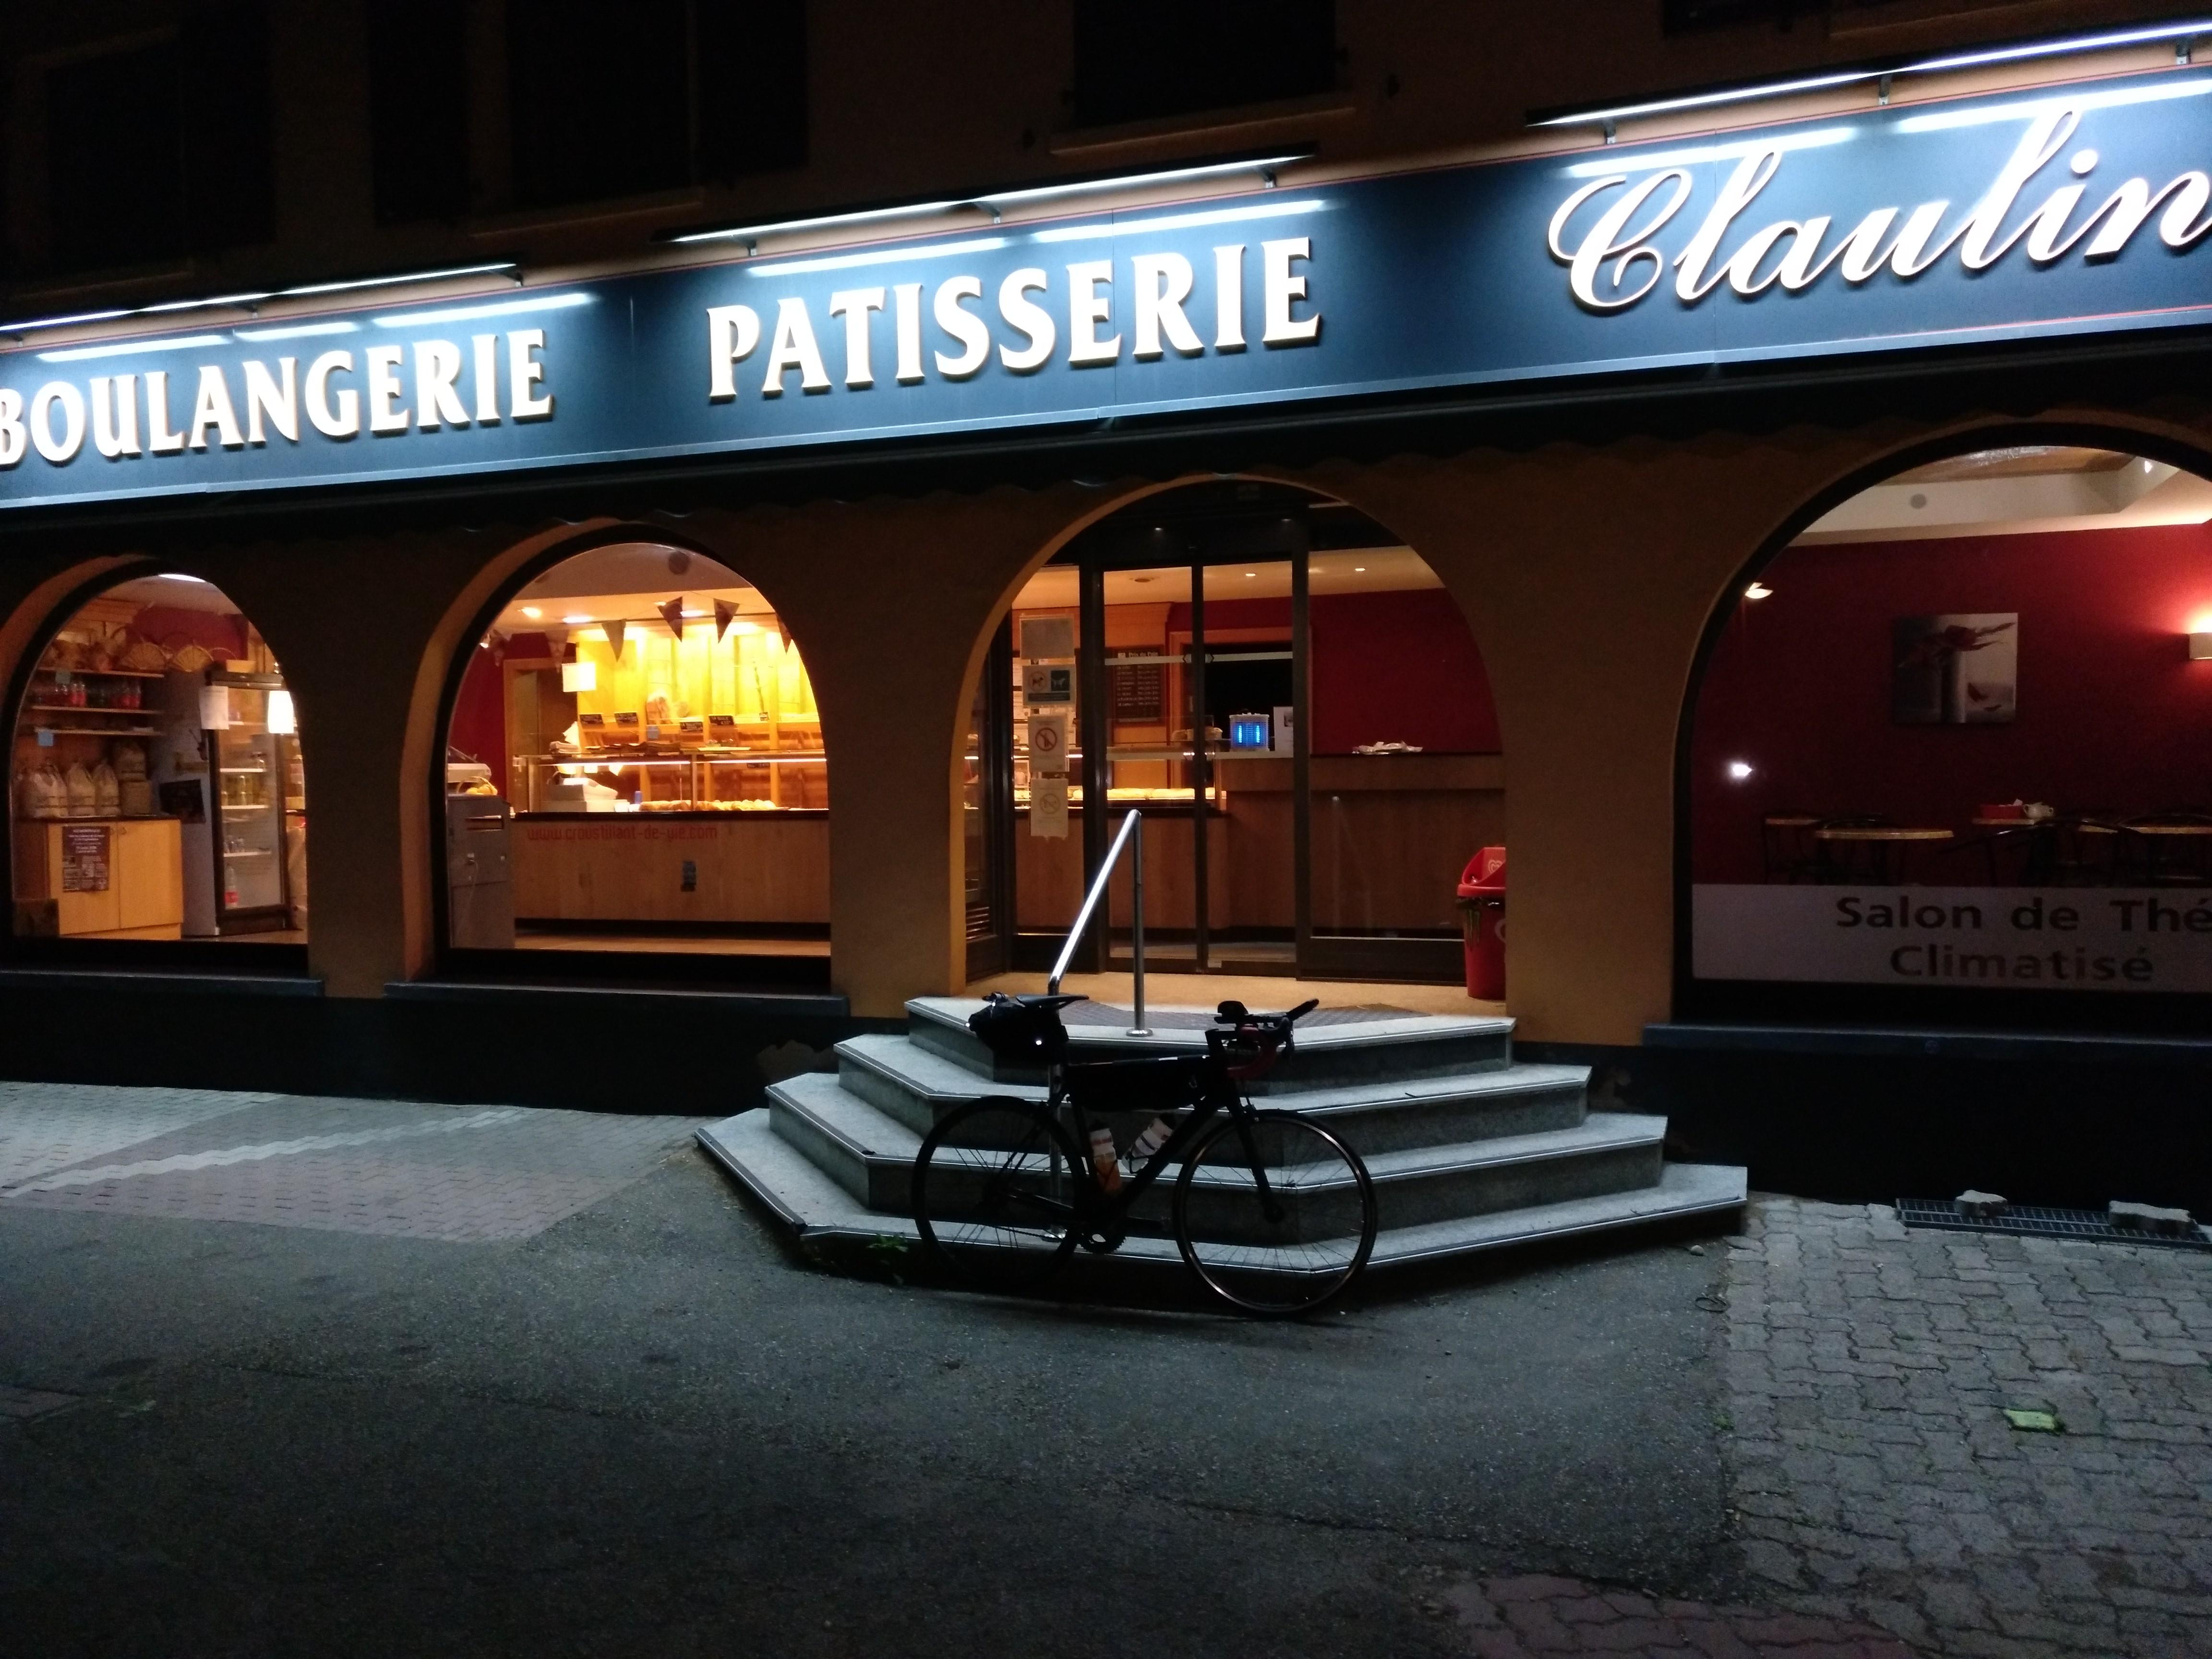 Eine Boulangerie in der Nacht verwöhnt mich.